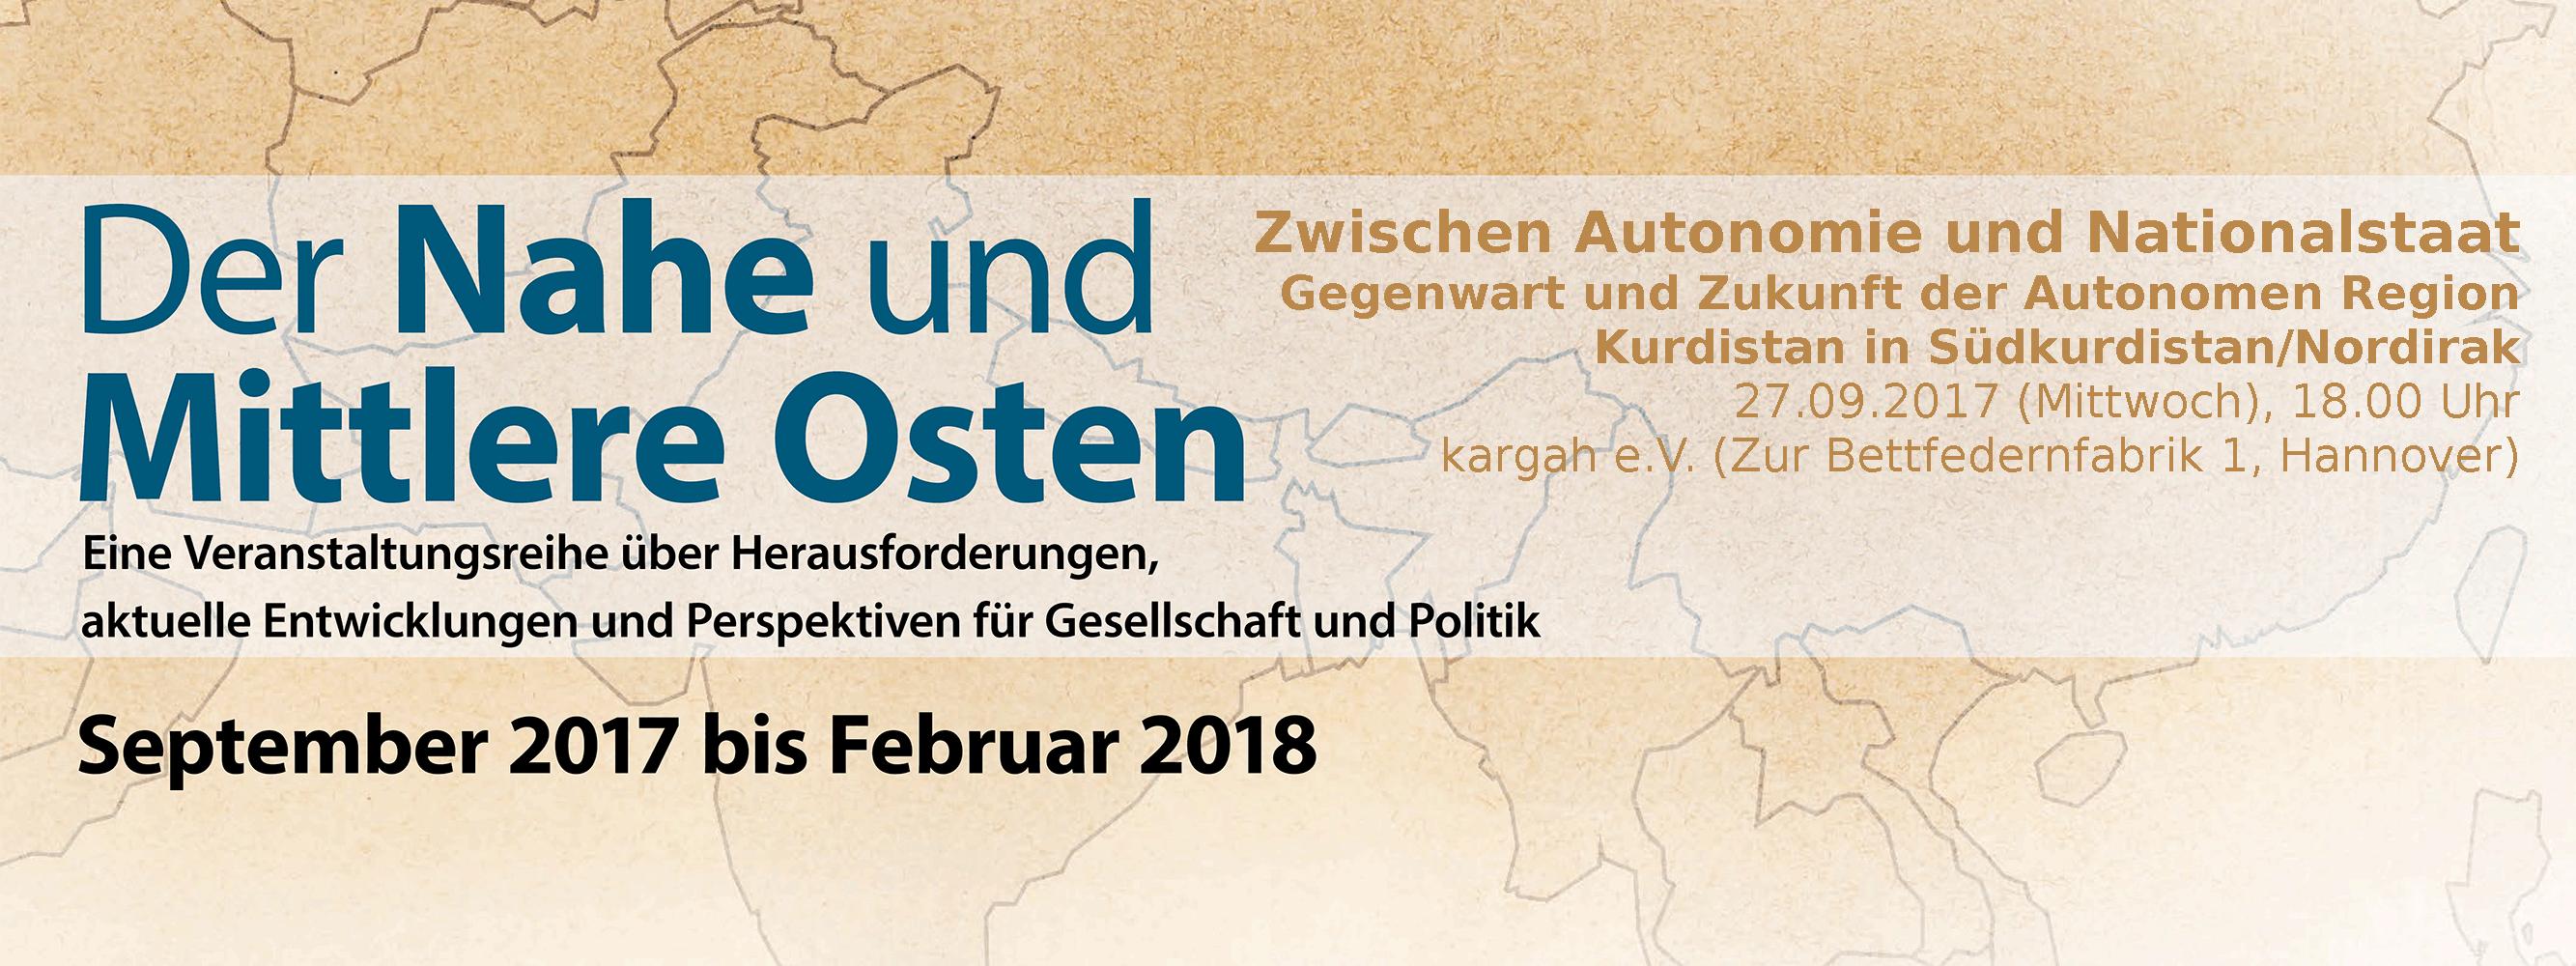 VA_Zukunft-und-Gegenwart-der-Autonomen-Ragion-Kurdistan